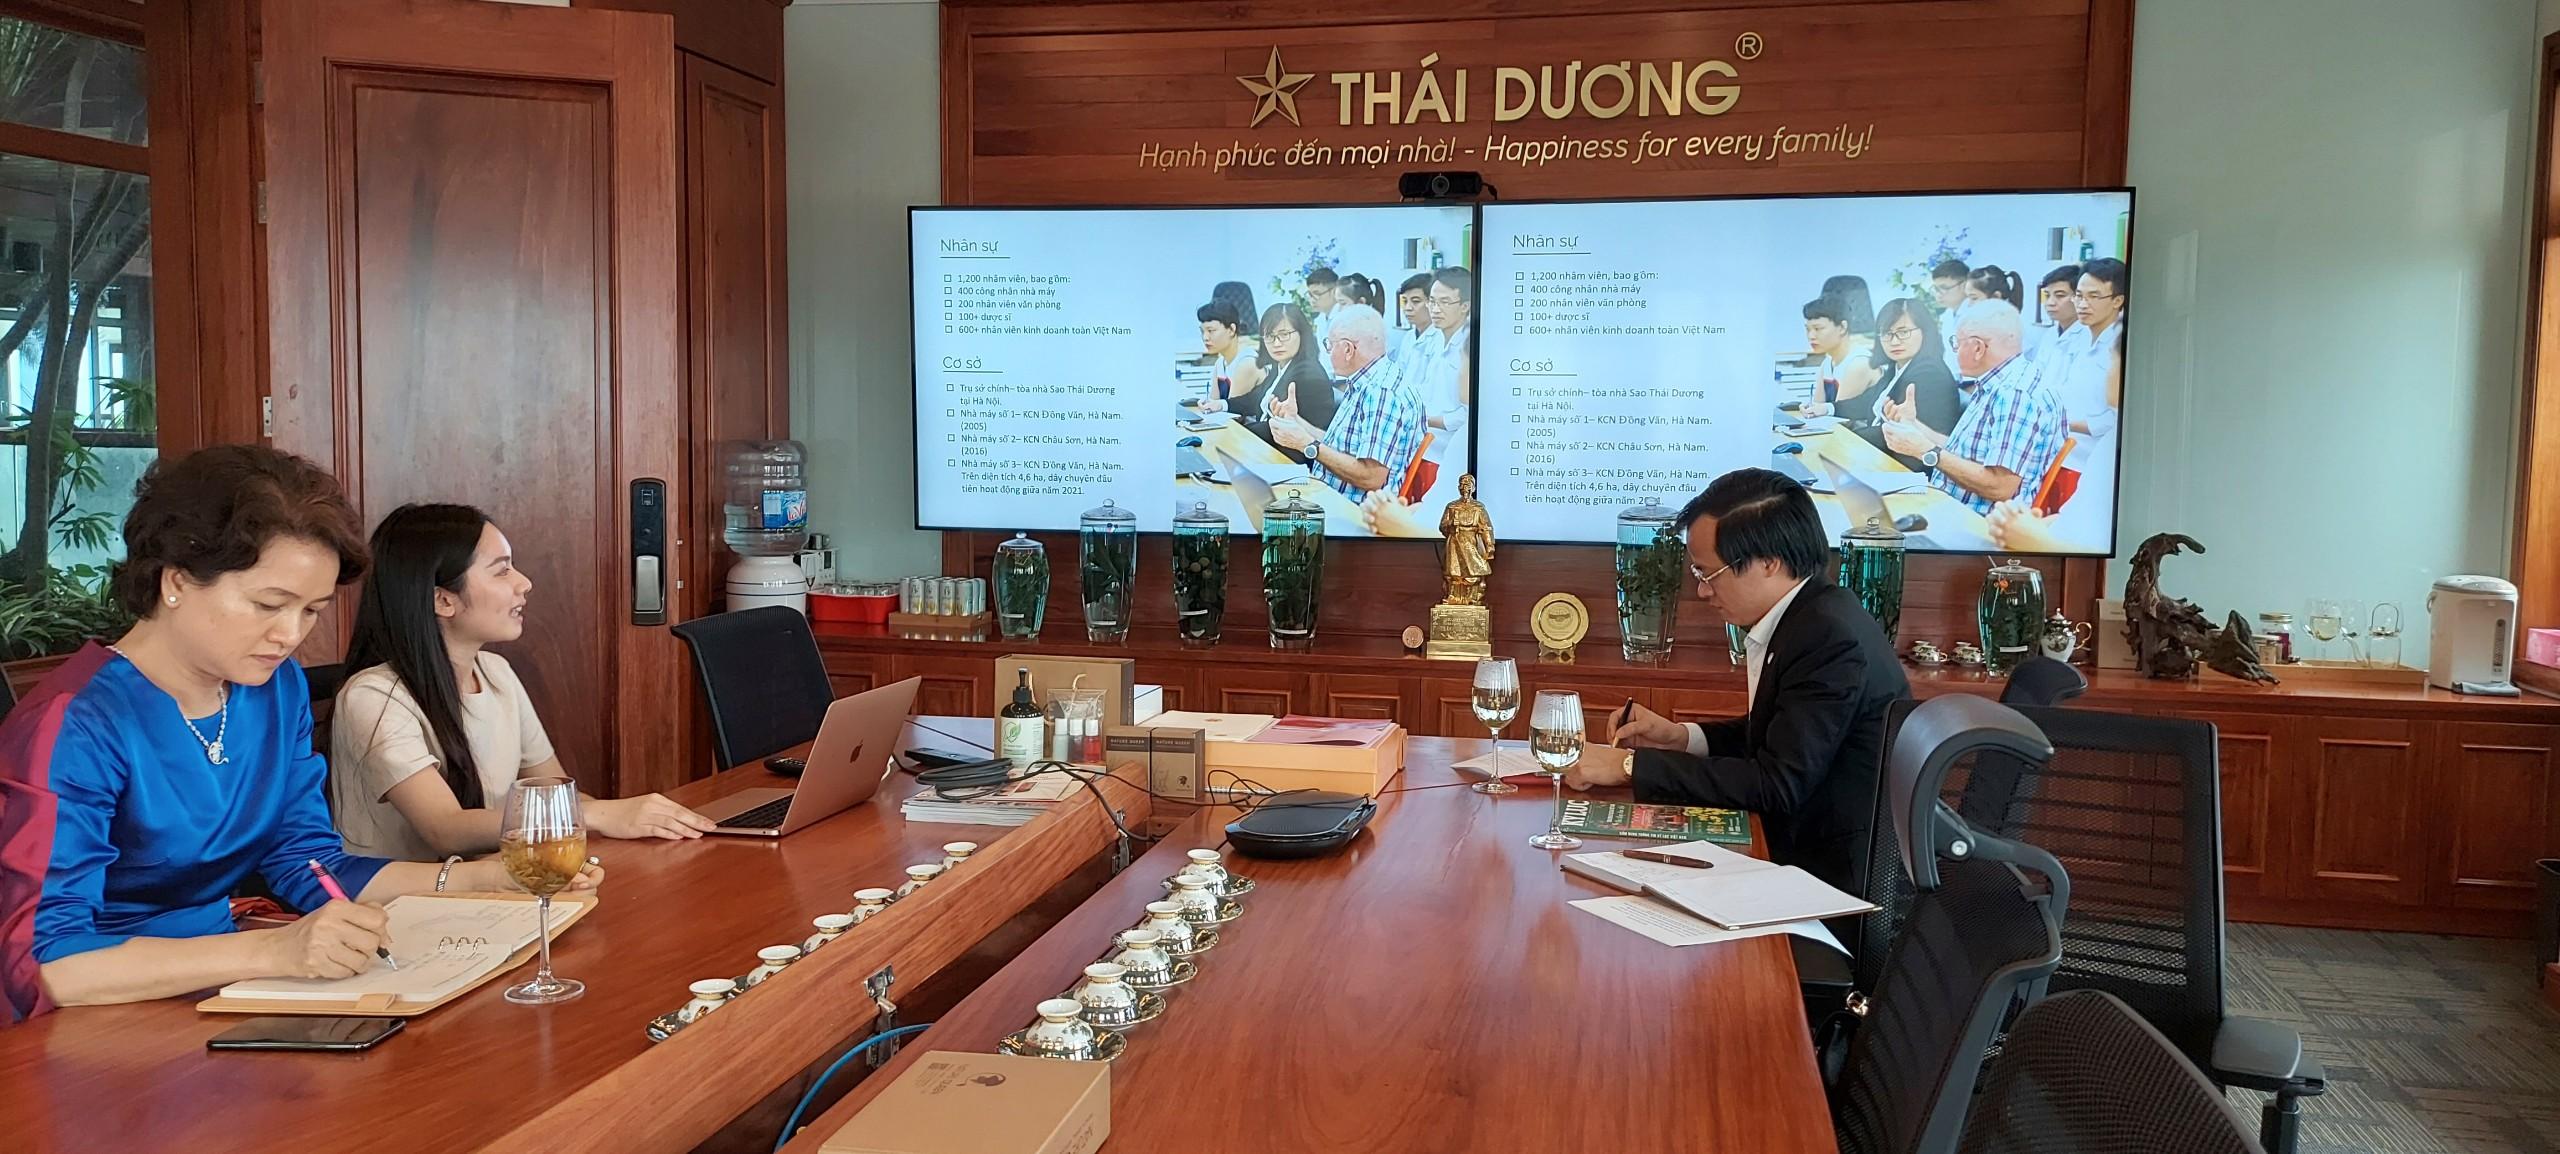 Cùng xem video giới thiệu khái quát về Công ty CP Sao Thái Dương.